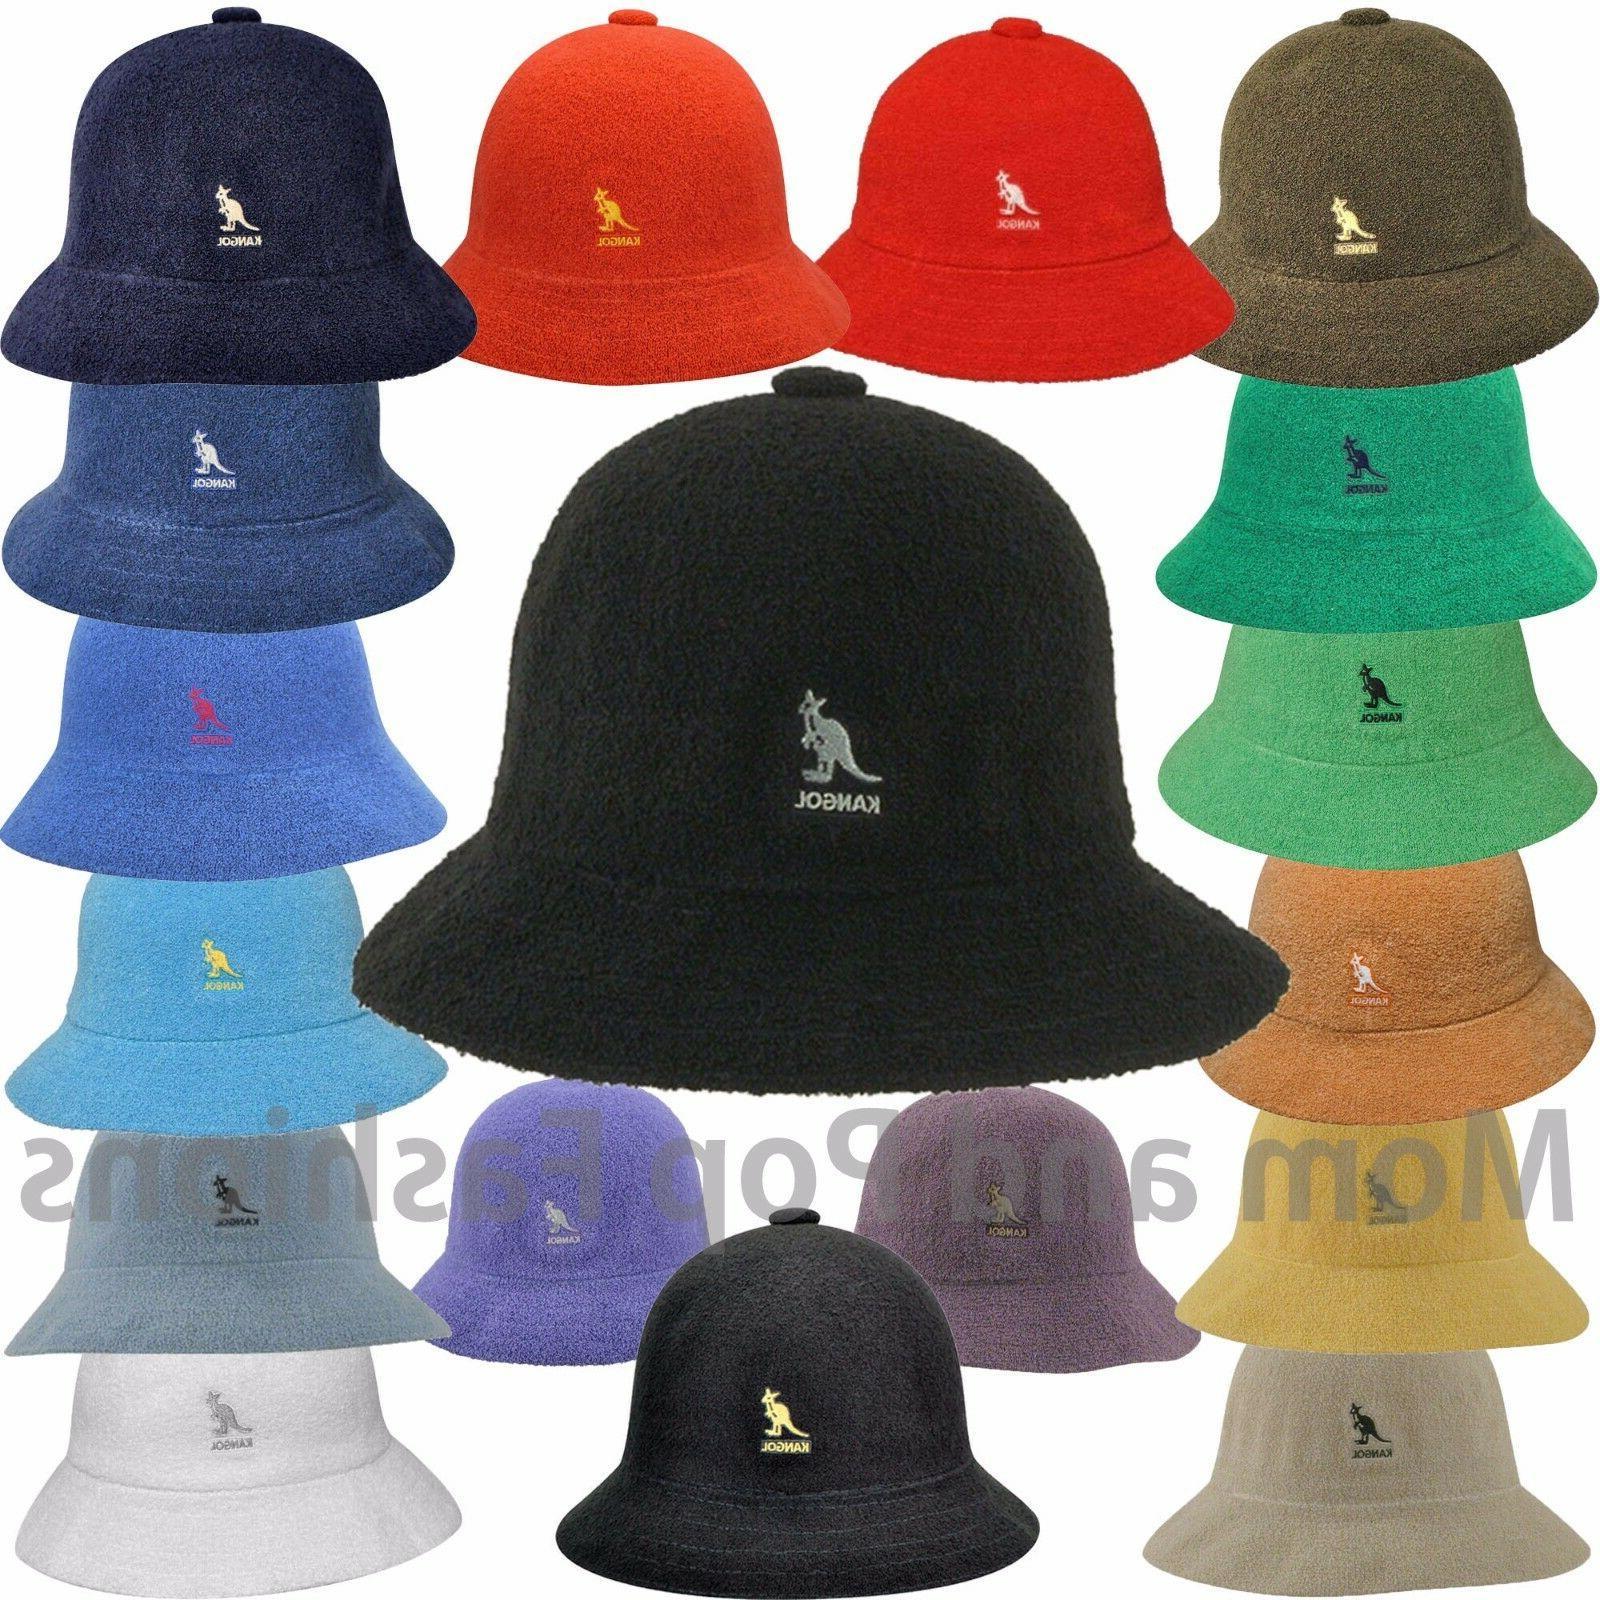 authentic bermuda casual bucket hat cap 0397bc